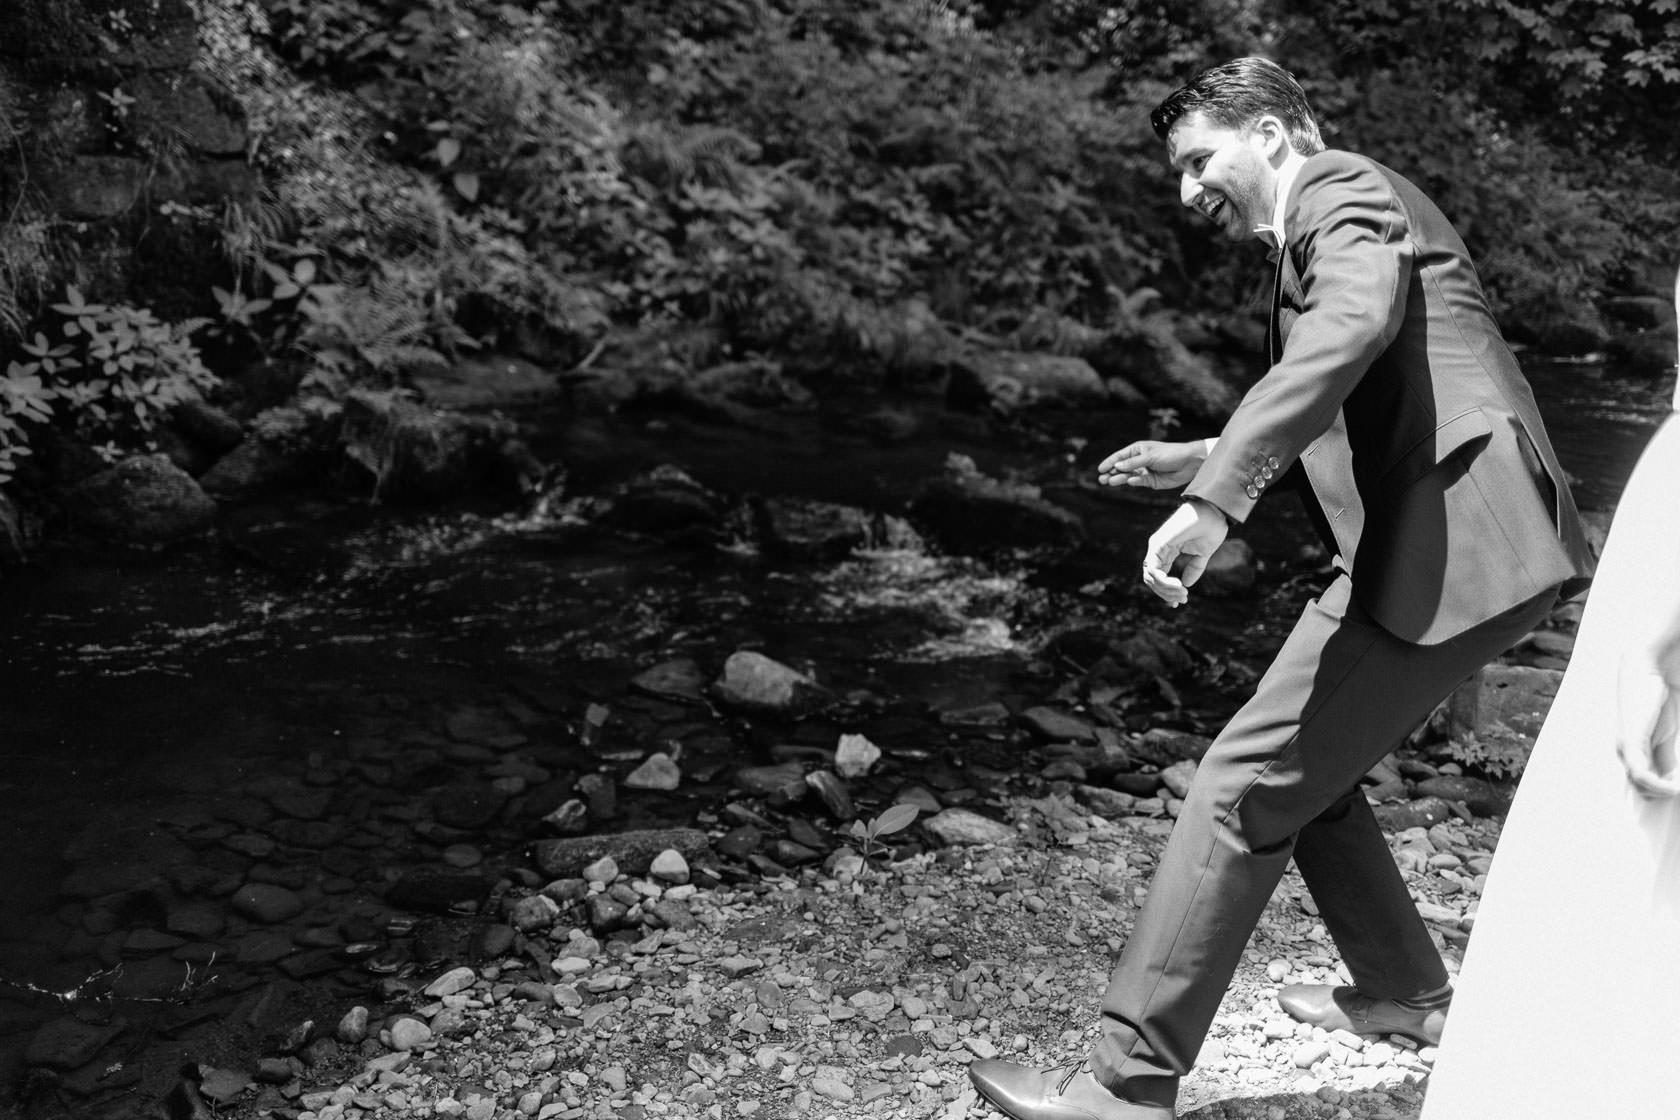 Hochzeitsfotograf Trauhochzeit in der Heidersbacher Muehle Nadine und Michael Natur Hochzeitsfotograf Trauhochzeit in der Heidersbacher Muehle Nadine und Michael Brautpaarportraits Paarfotos Hochzeitspaar Detailaufnahmen Blumen Hochzeitsringe